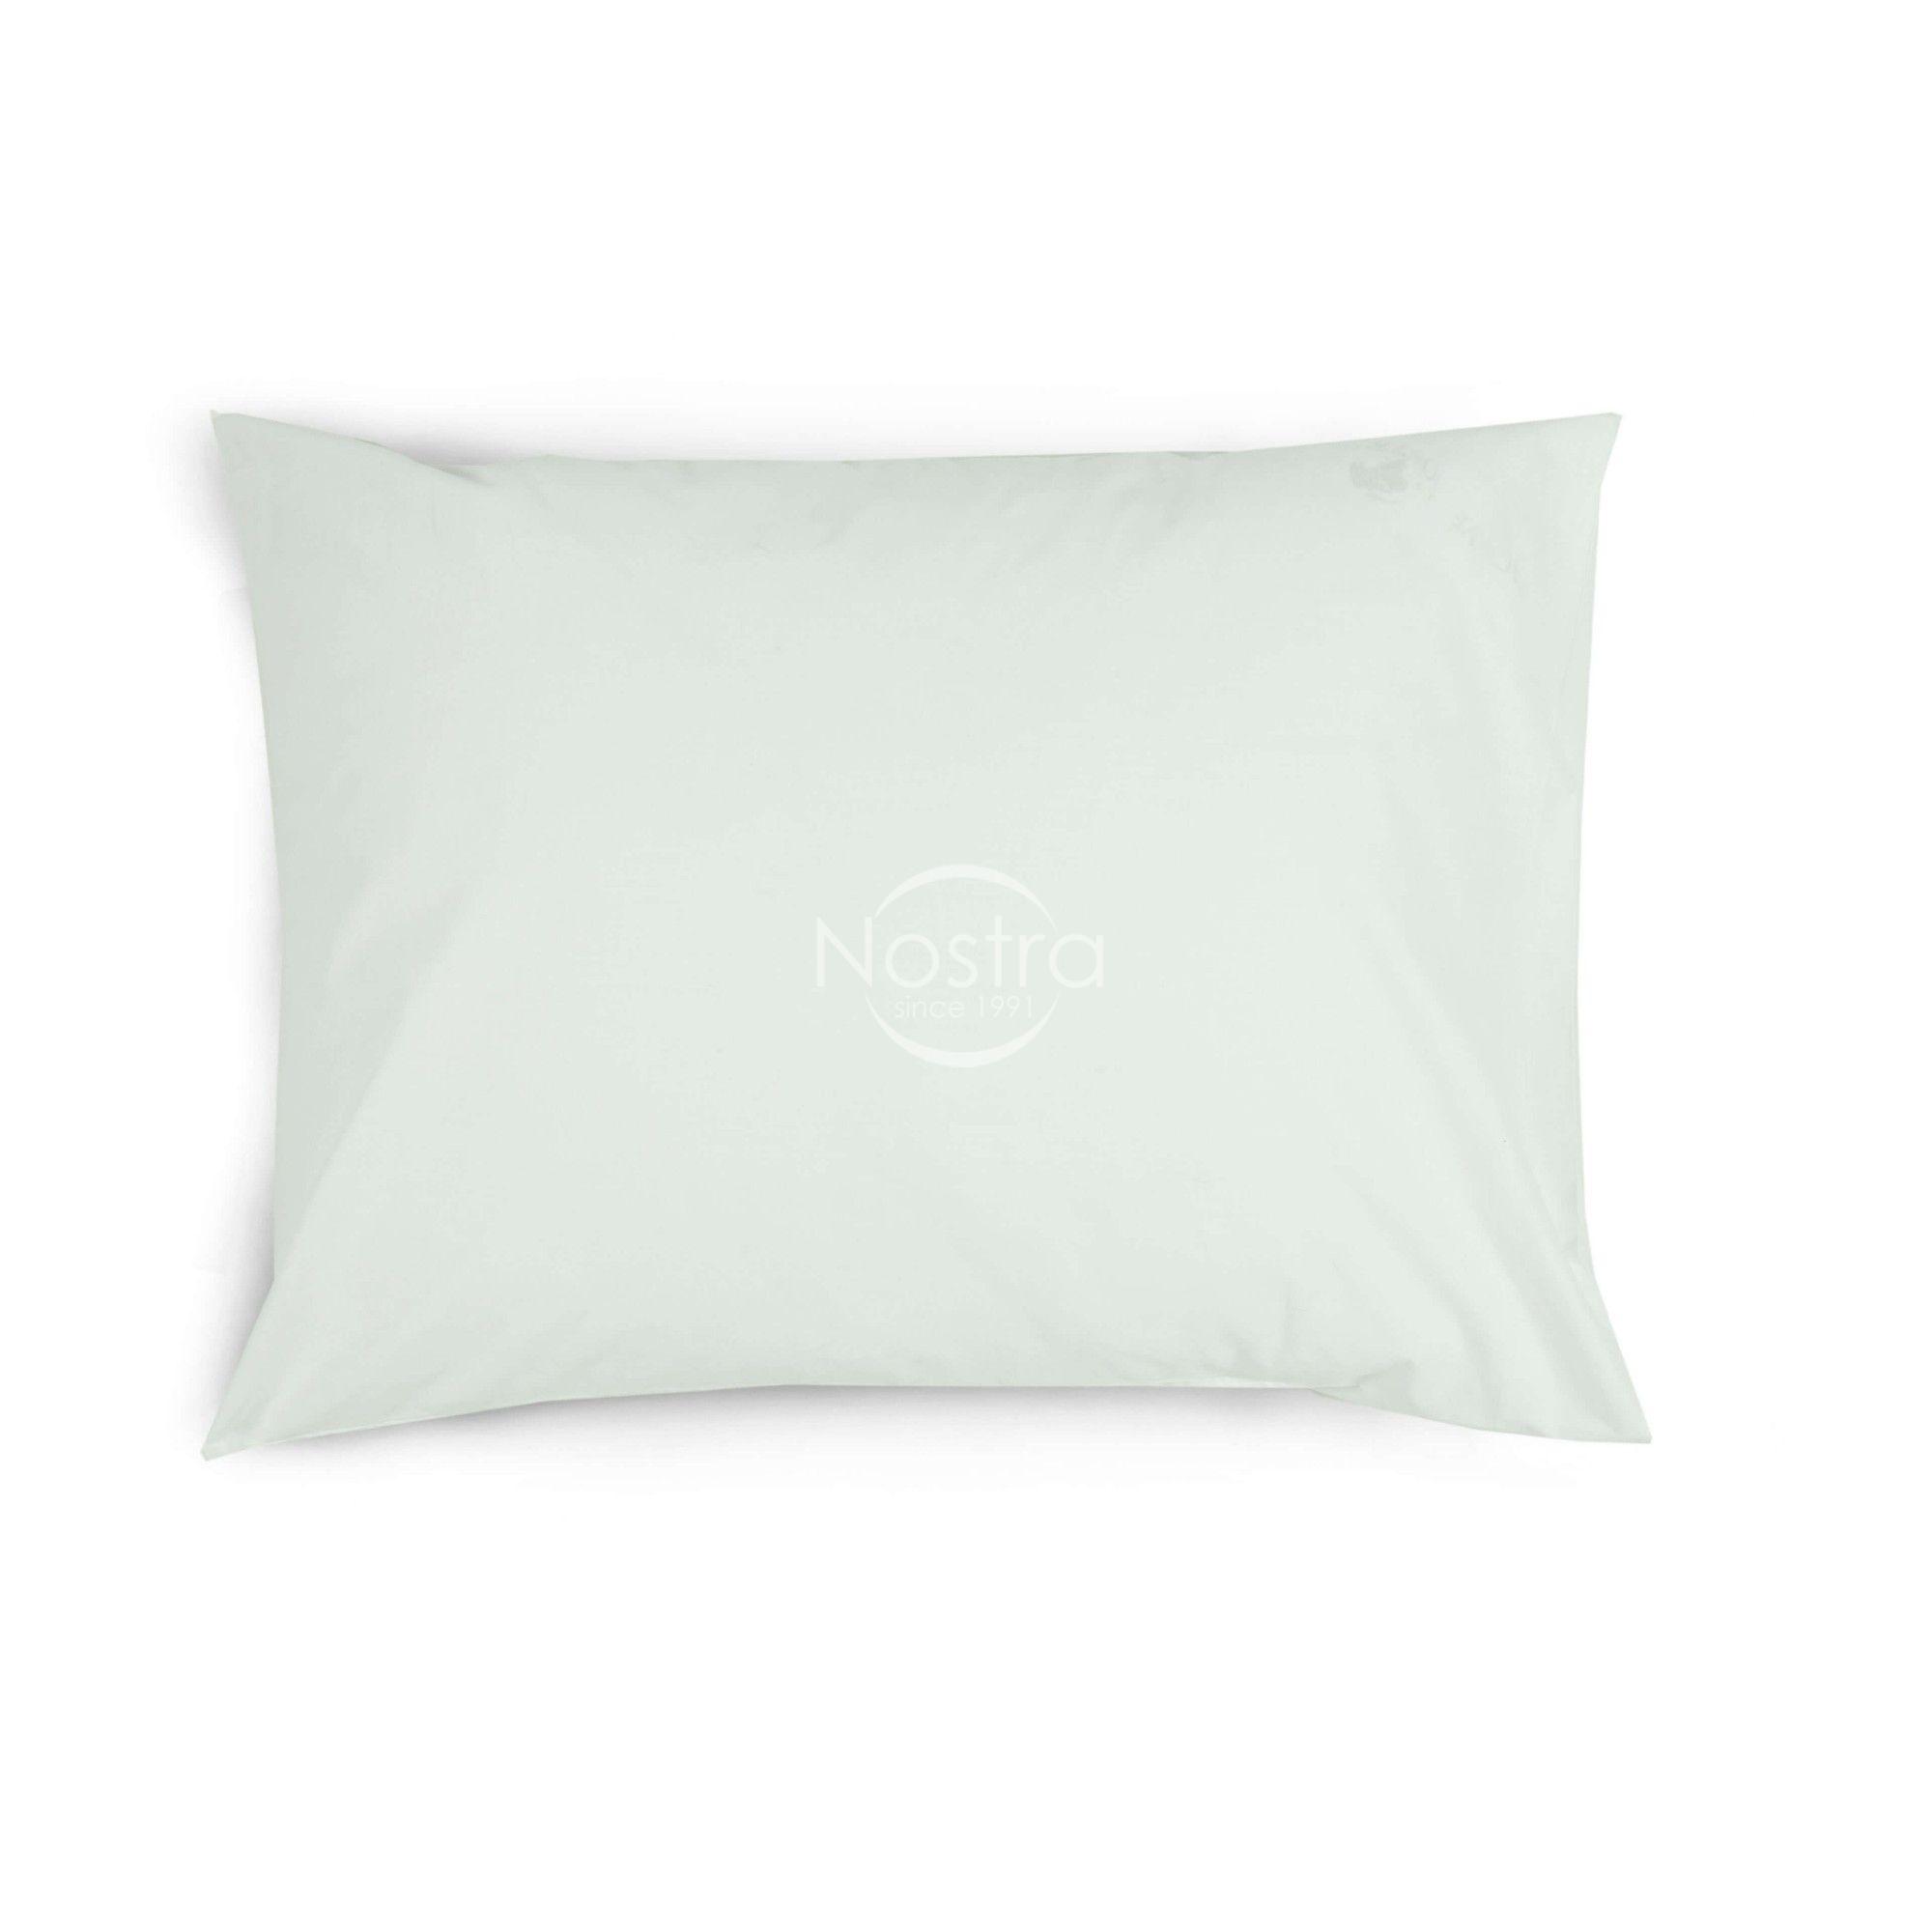 Cotton pillow cases